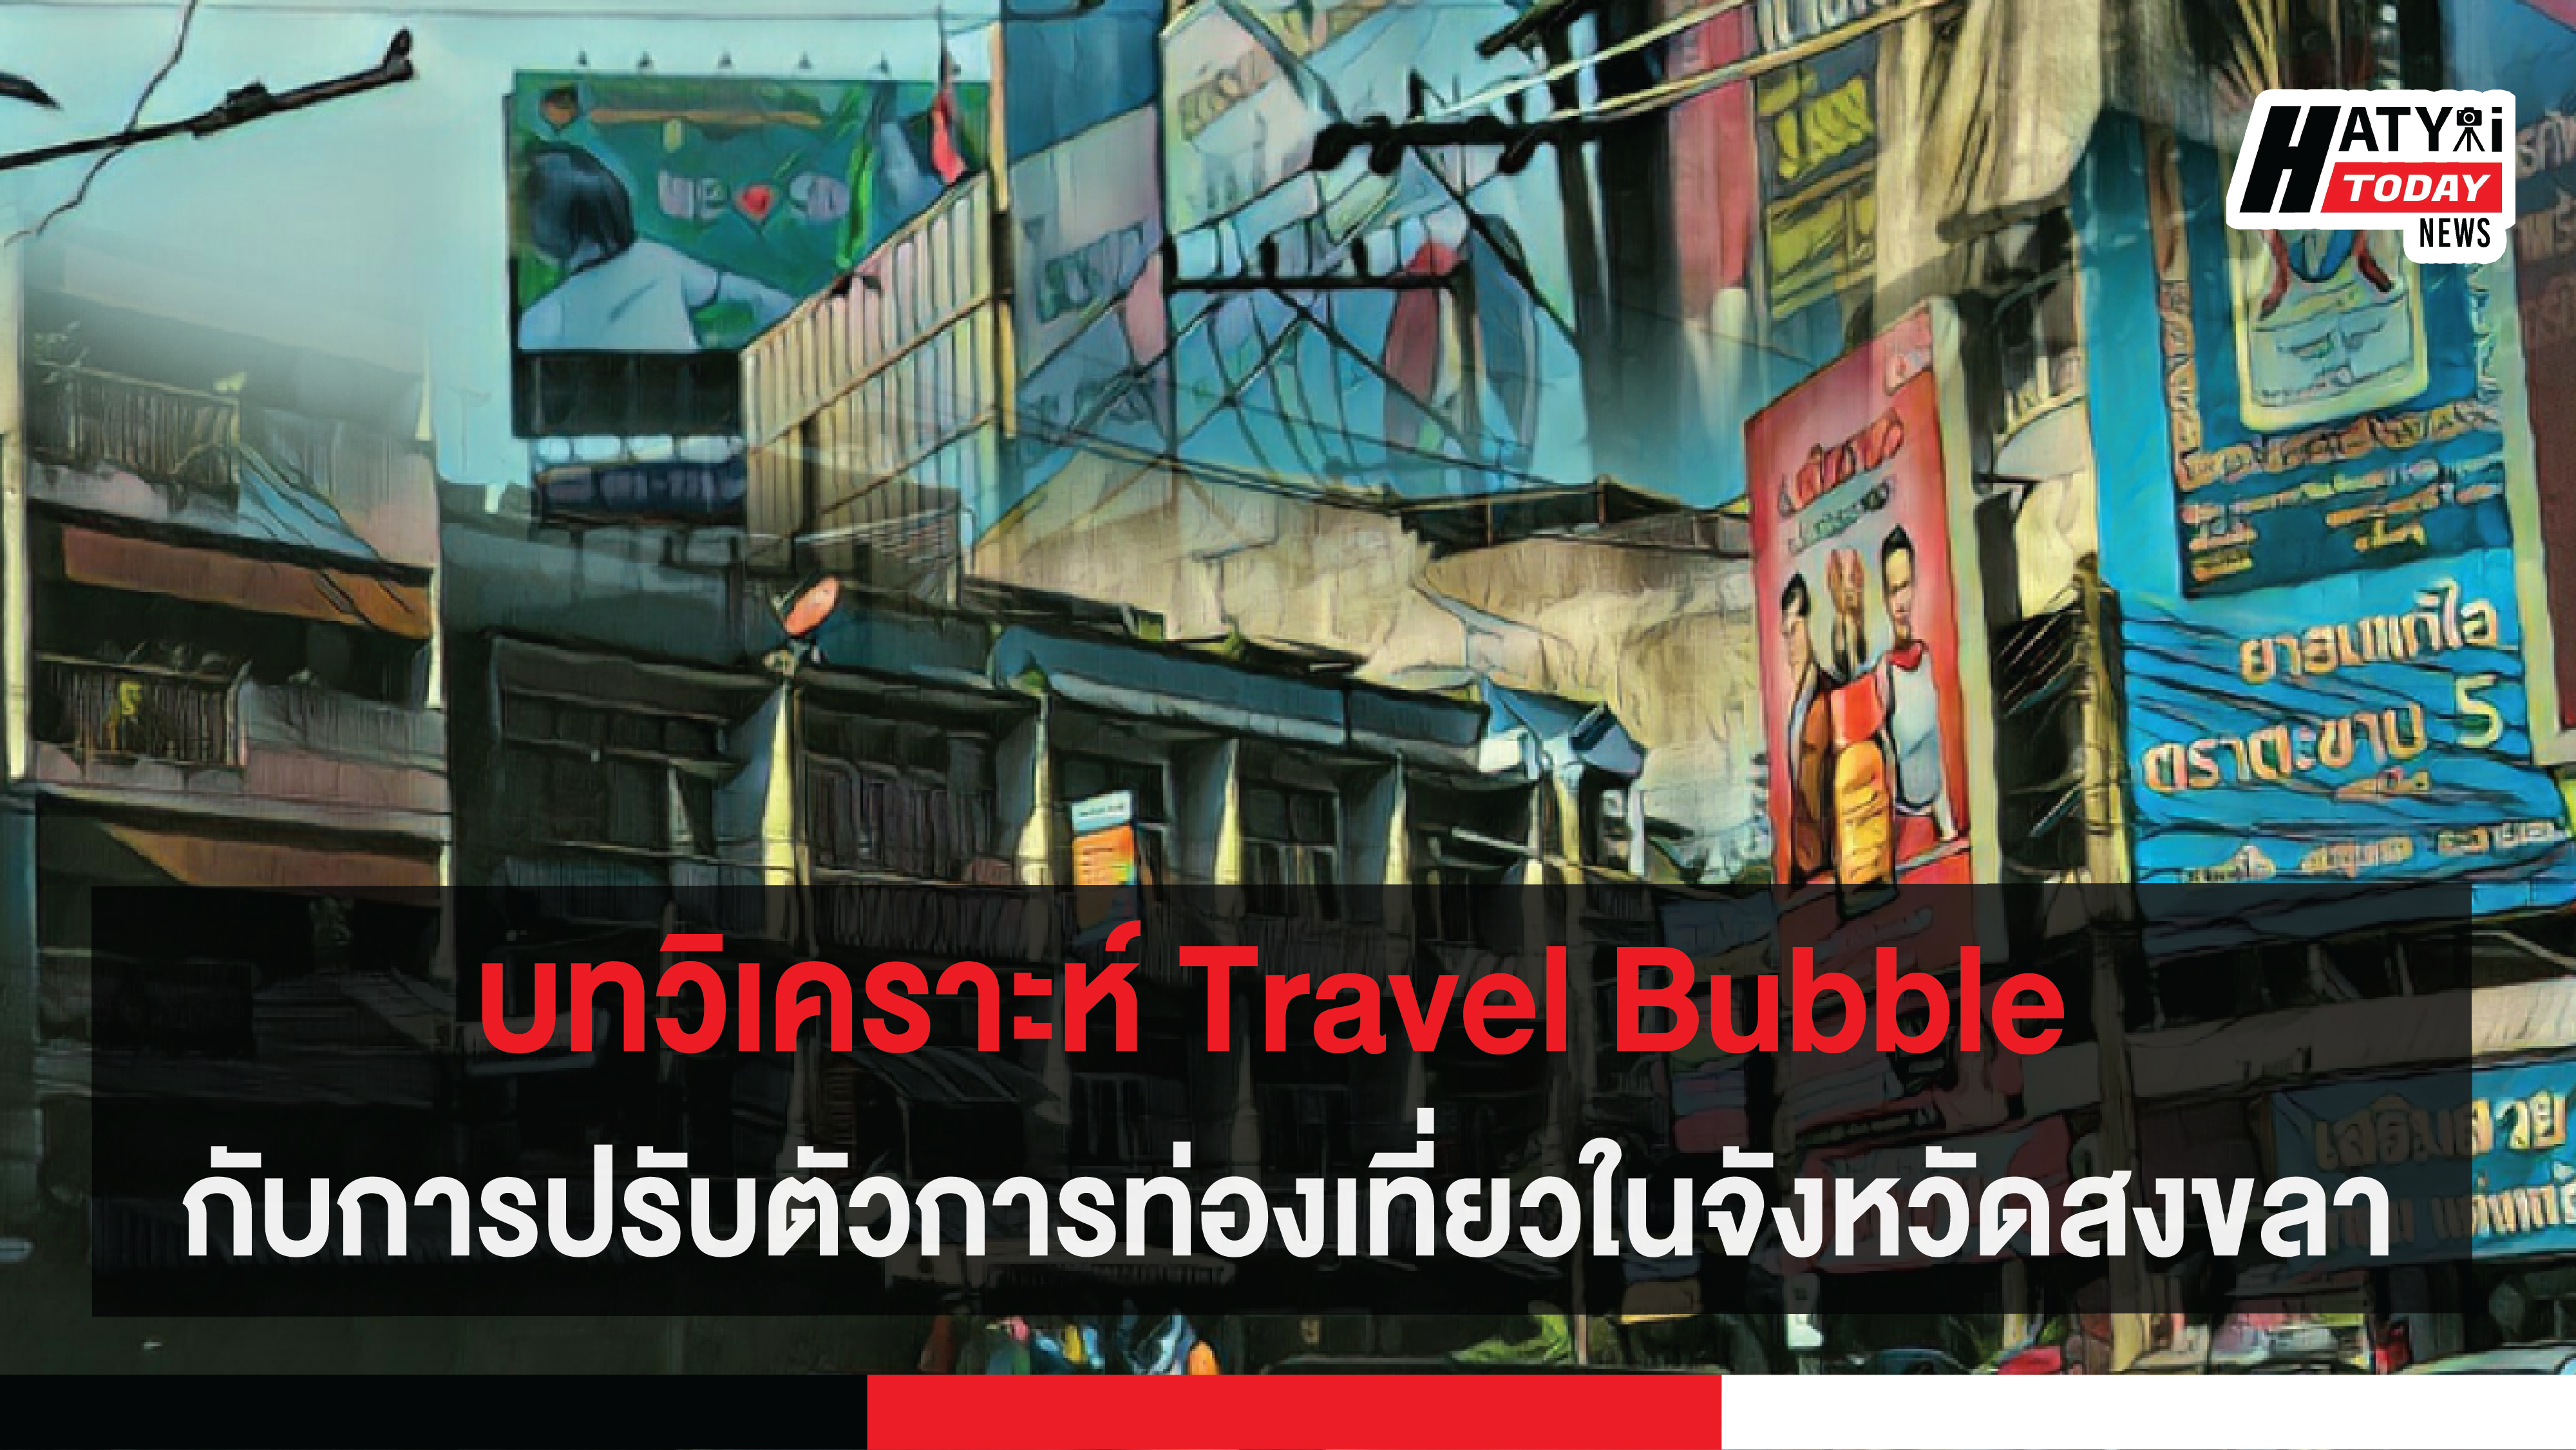 บทวิเคราะห์ Travel Bubble กับการปรับตัวการท่องเที่ยวในจังหวัดสงขลา